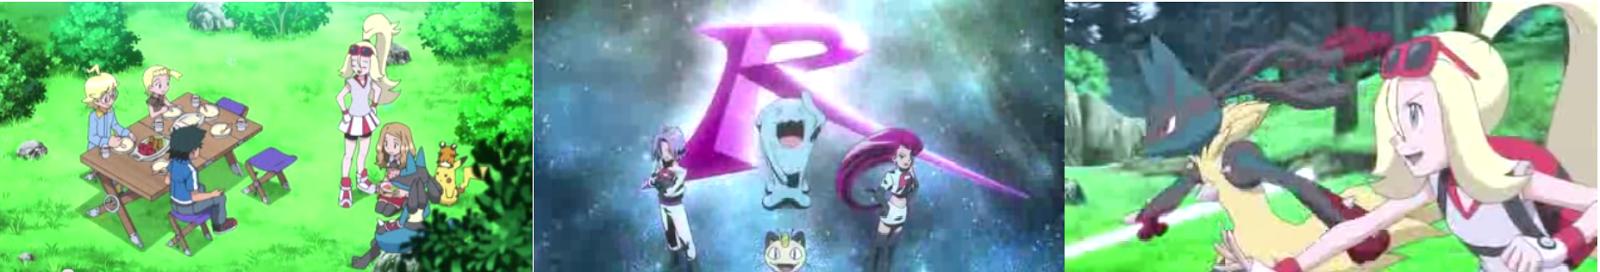 Pokémon - Capítulo 32 - Temporada 17 - Audio Latino